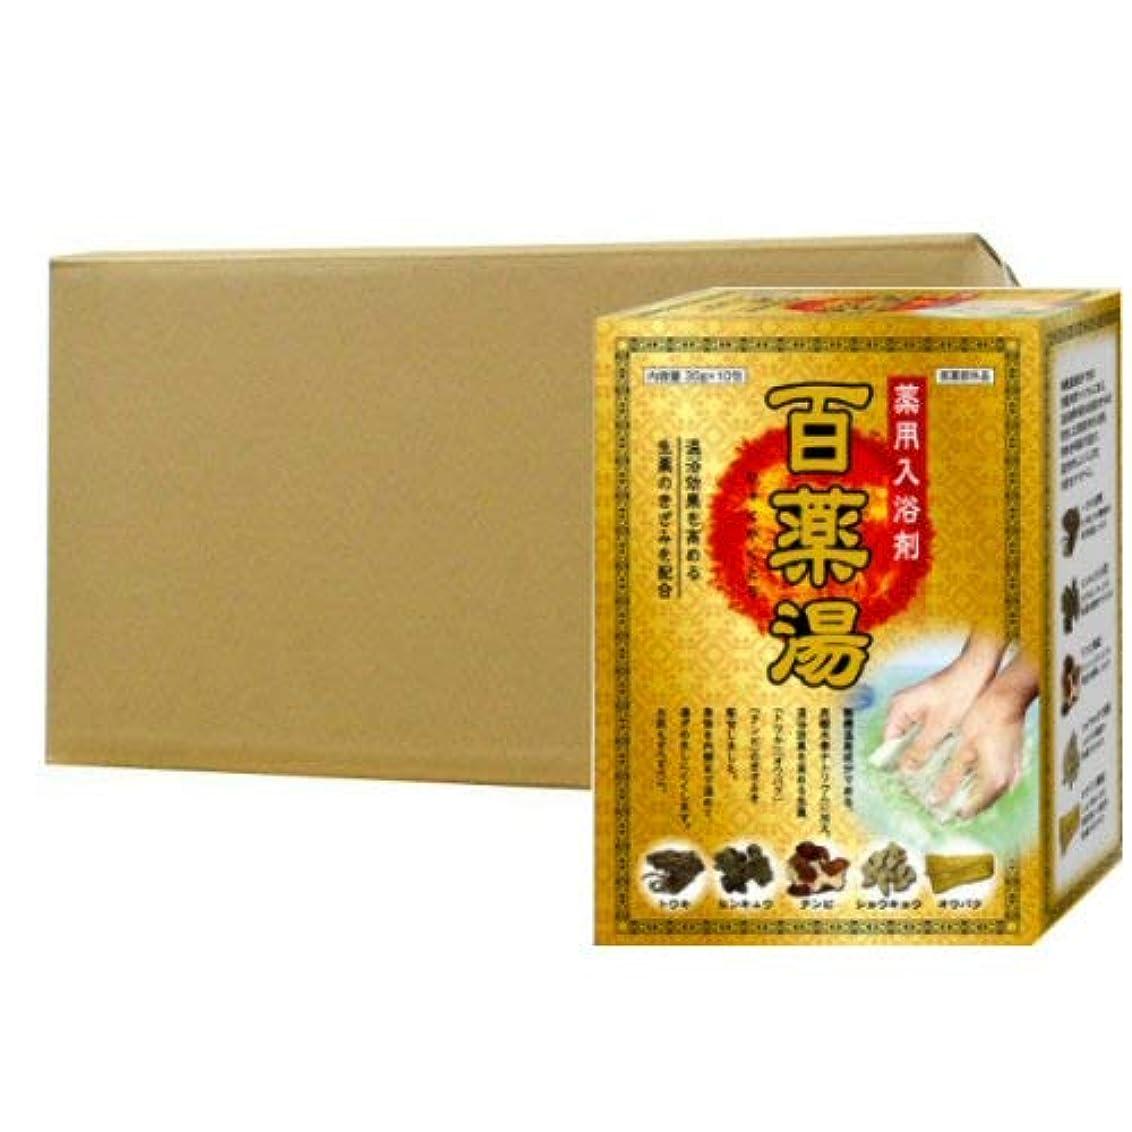 ピクニックゴミ箱民兵UYEKI百薬湯30g×10包入×20個